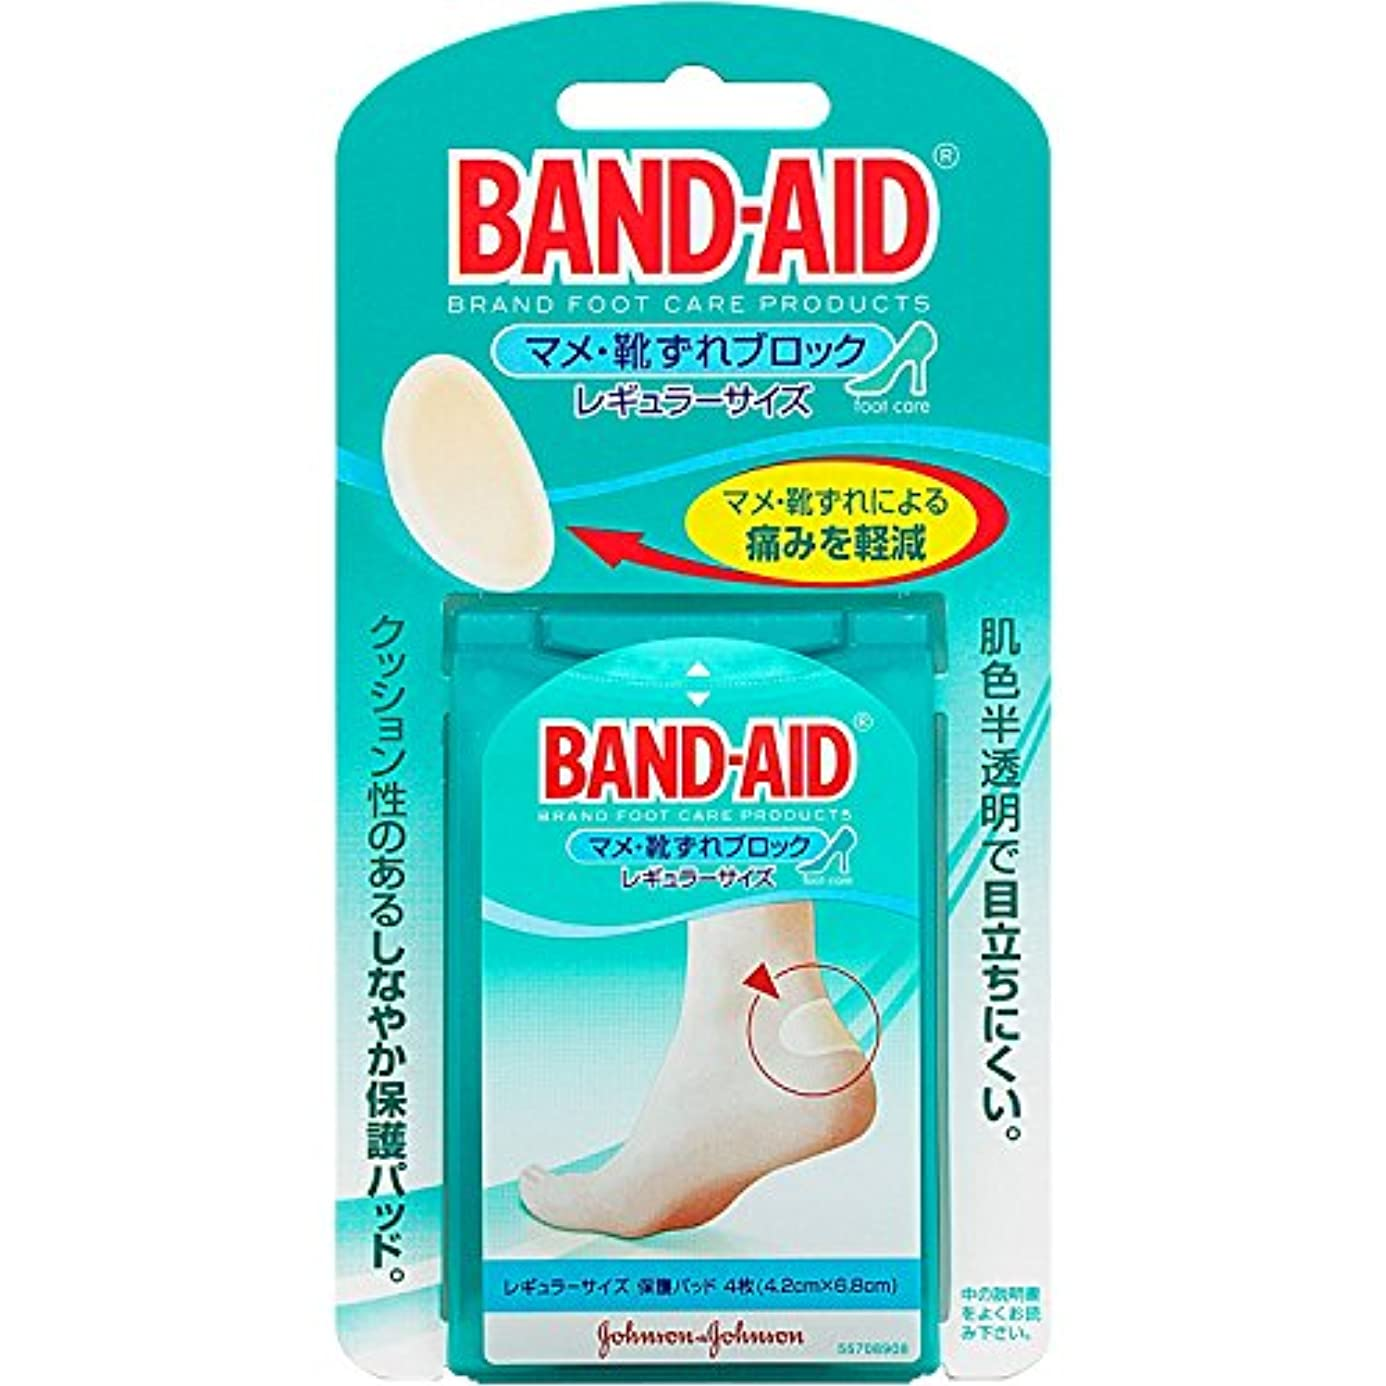 意外知覚中国BAND-AID(バンドエイド) マメ?靴ずれブロック レギュラーサイズ 4枚